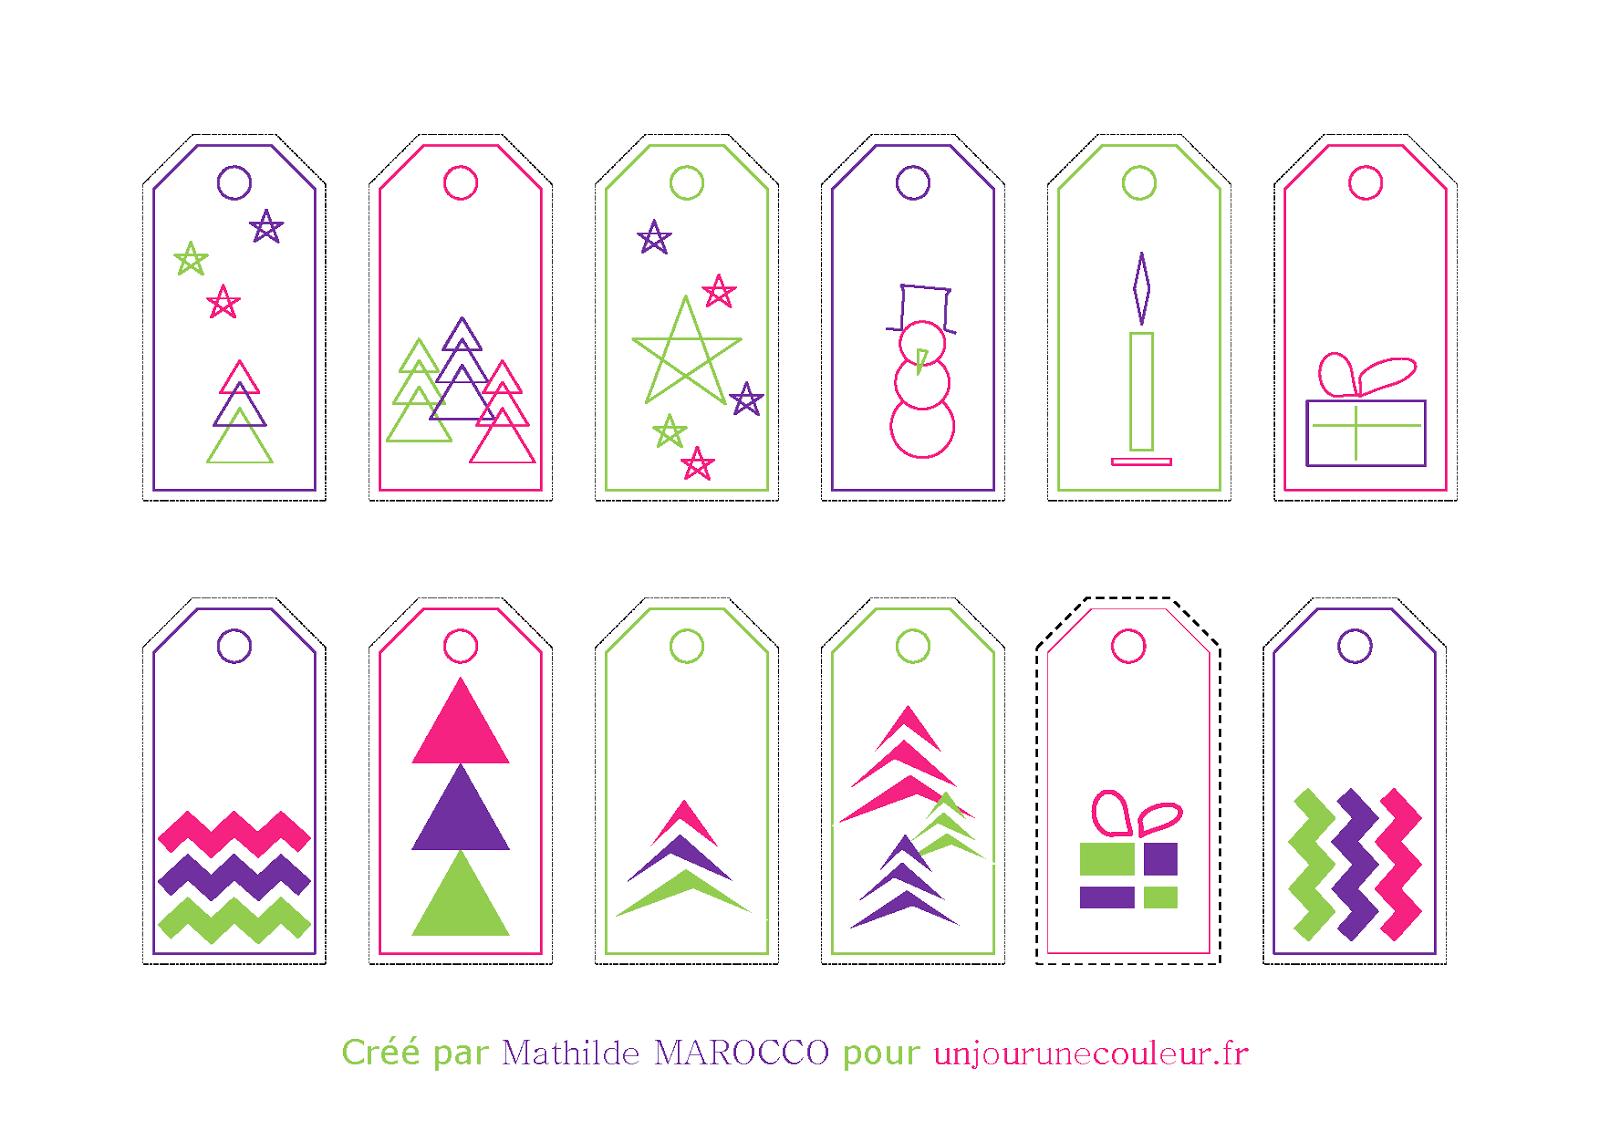 Petit Cadeau En Attendant Noël : Des Étiquettes Cadeaux dedans Etiquette Noel A Imprimer